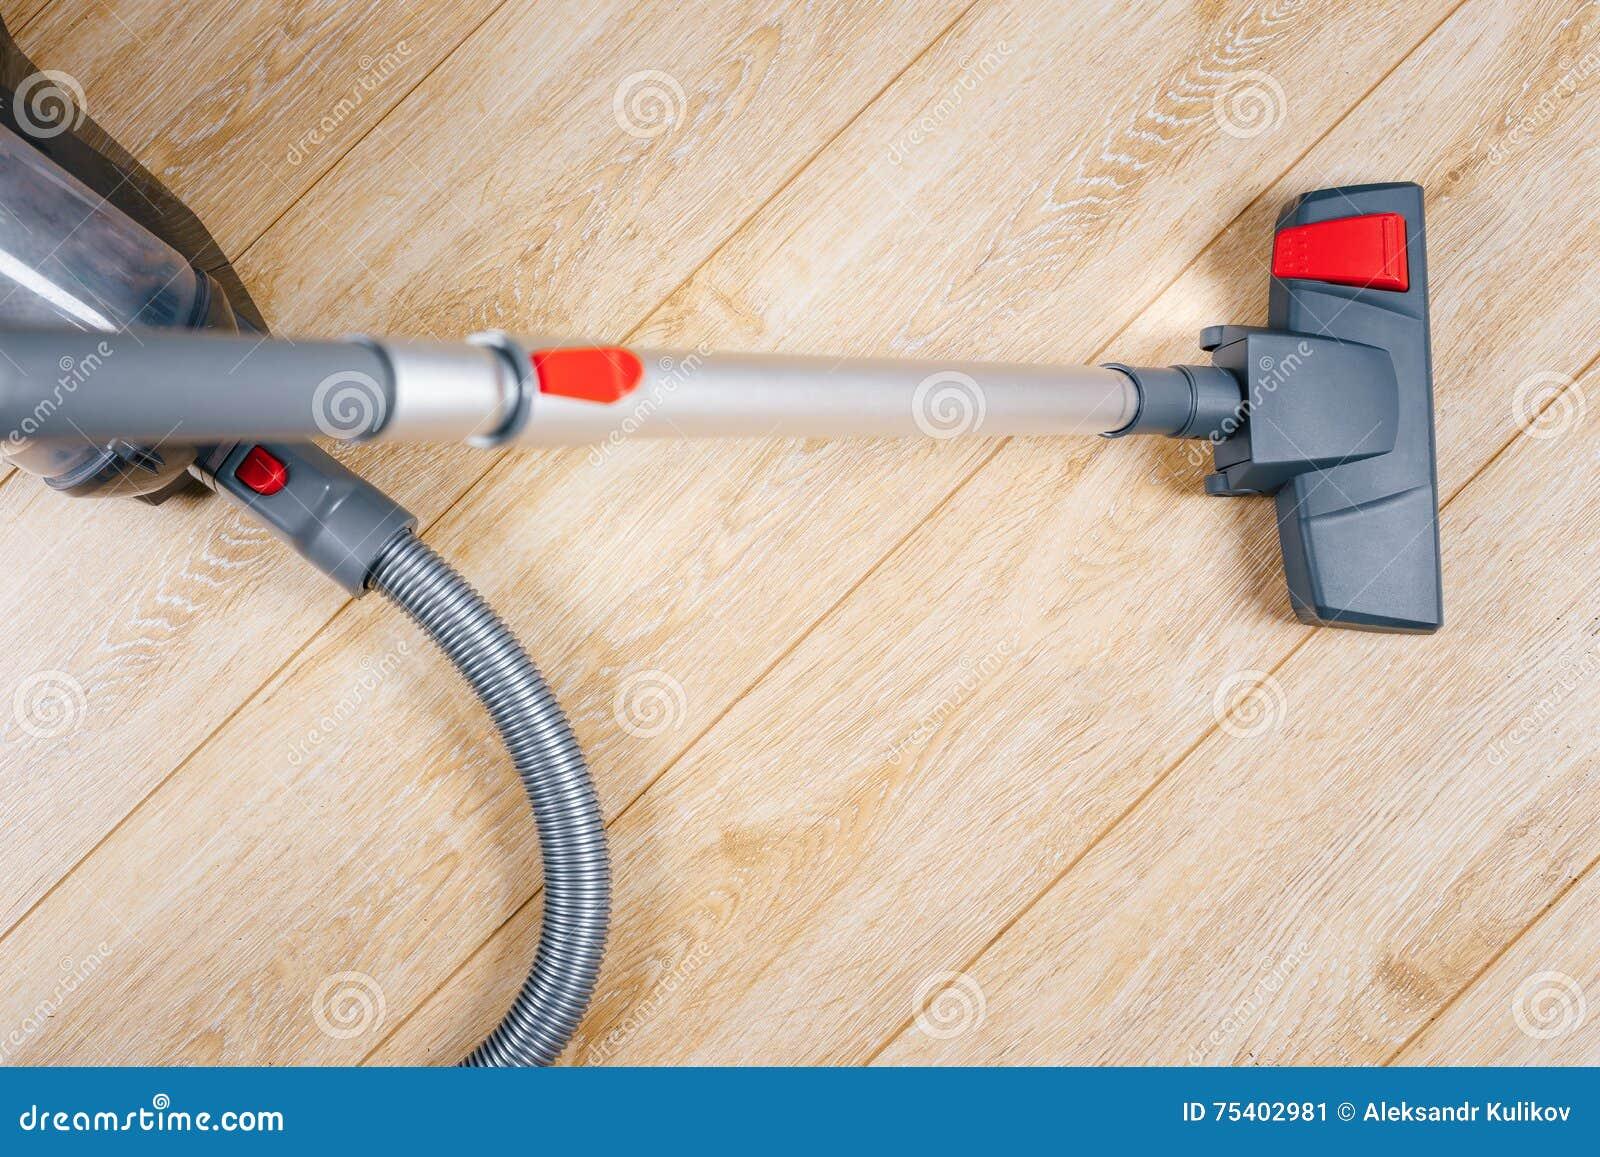 Ρύπος σκουπίσματος με ηλεκτρική σκούπα από το πάτωμα